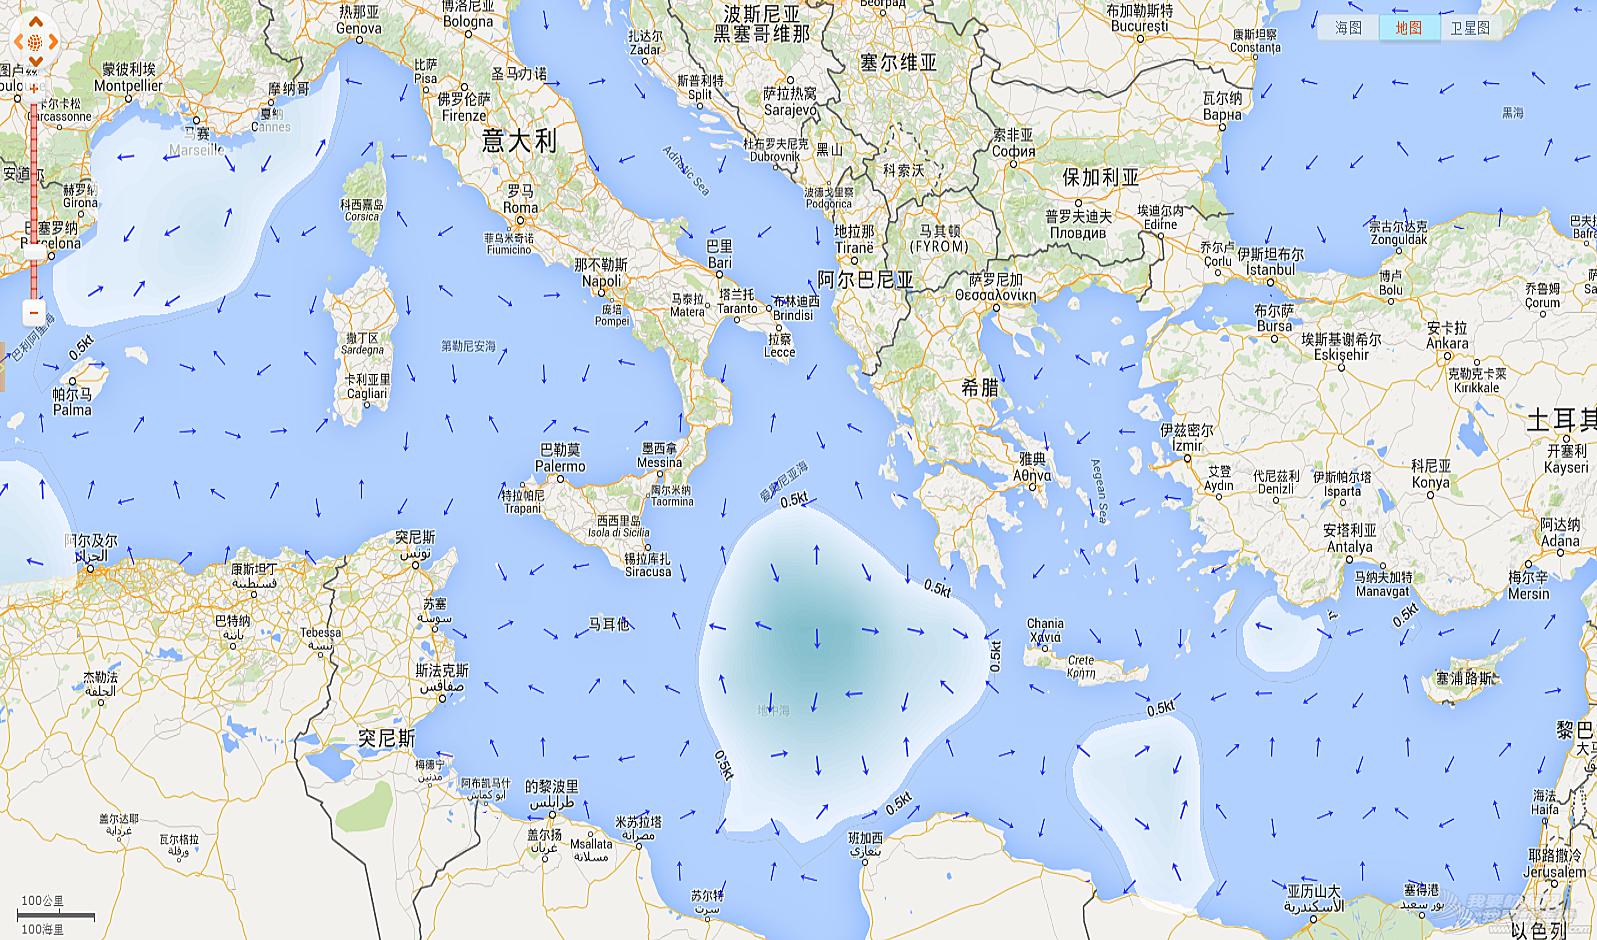 地中海水流问题